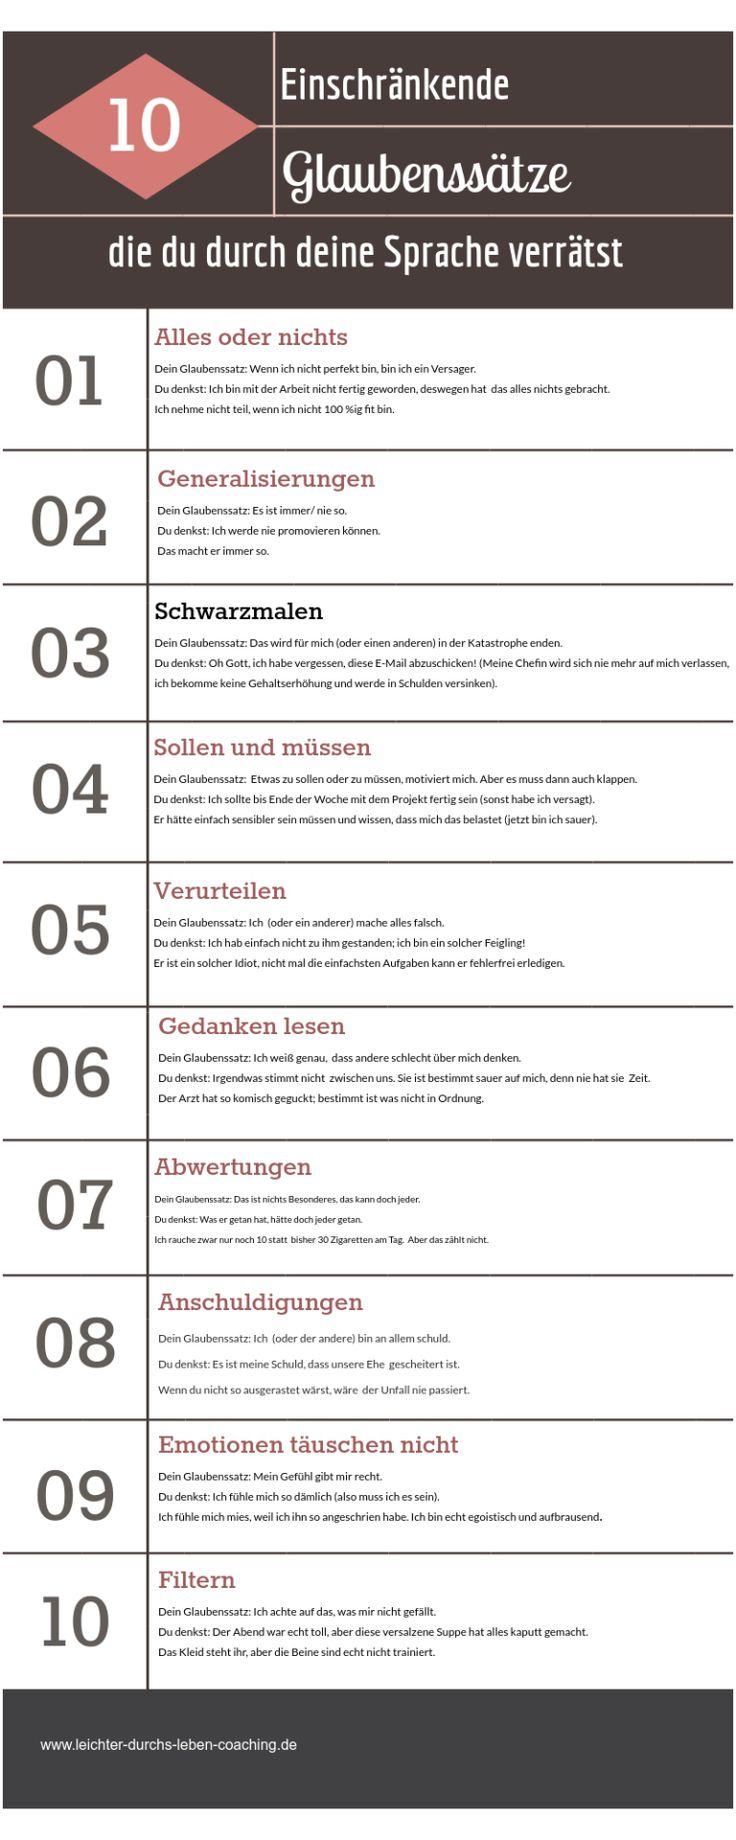 Einschränkende Glaubenssätze – Die Top 10 der Glaubenssätze, die dich und die Art, wie du die Welt wahrnimmst, einschränken – Liste zum Ausdrucken – Sonia Schwarz